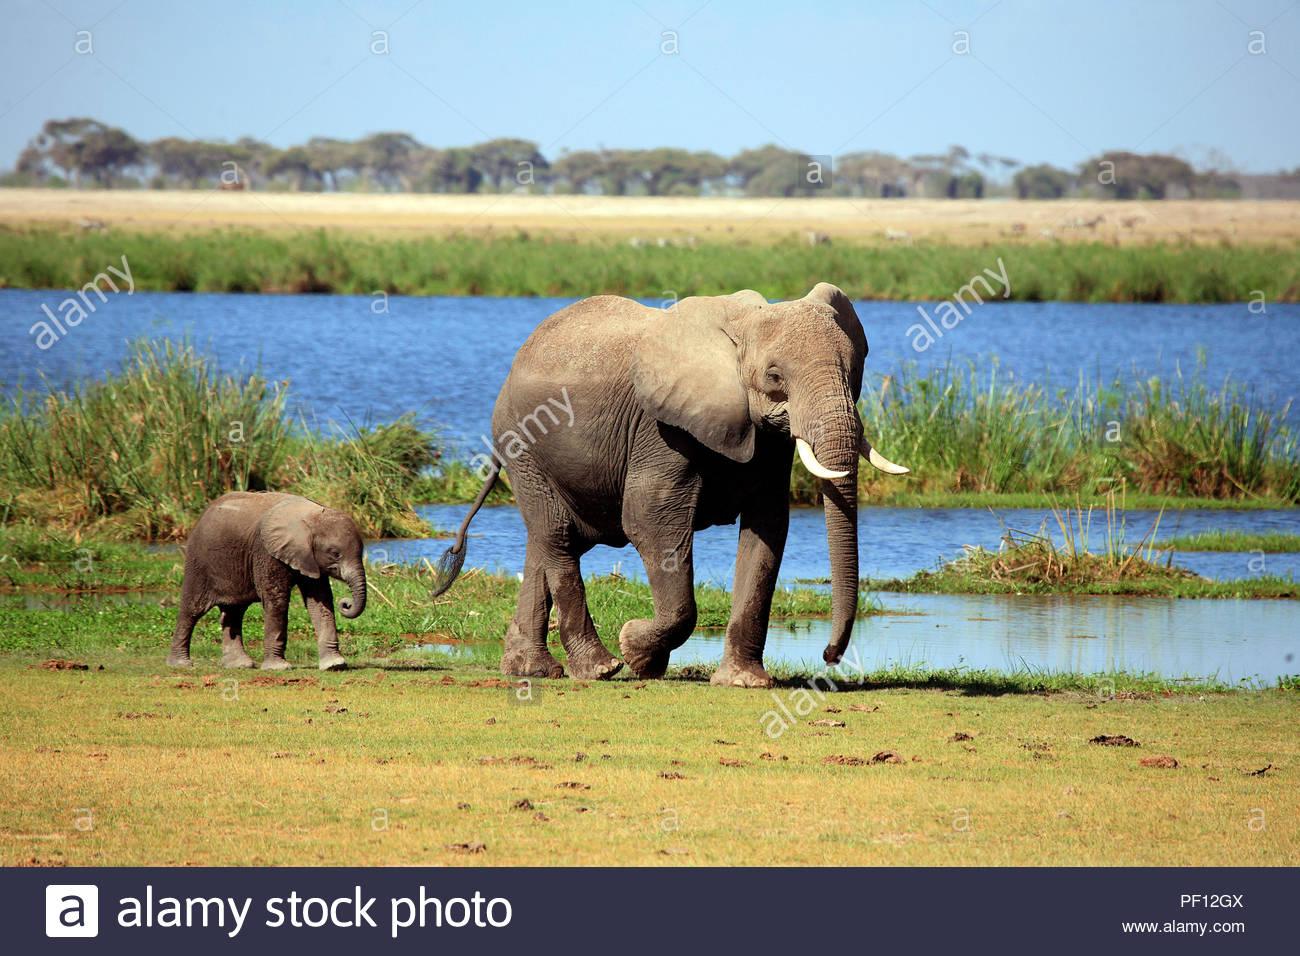 Afrikanische Elefanten (Loxodonta africana), Amboseli-Nationalpark, Kenia   African bush elephant or African elephant (Loxodonta africana) adult with  - Stock Image